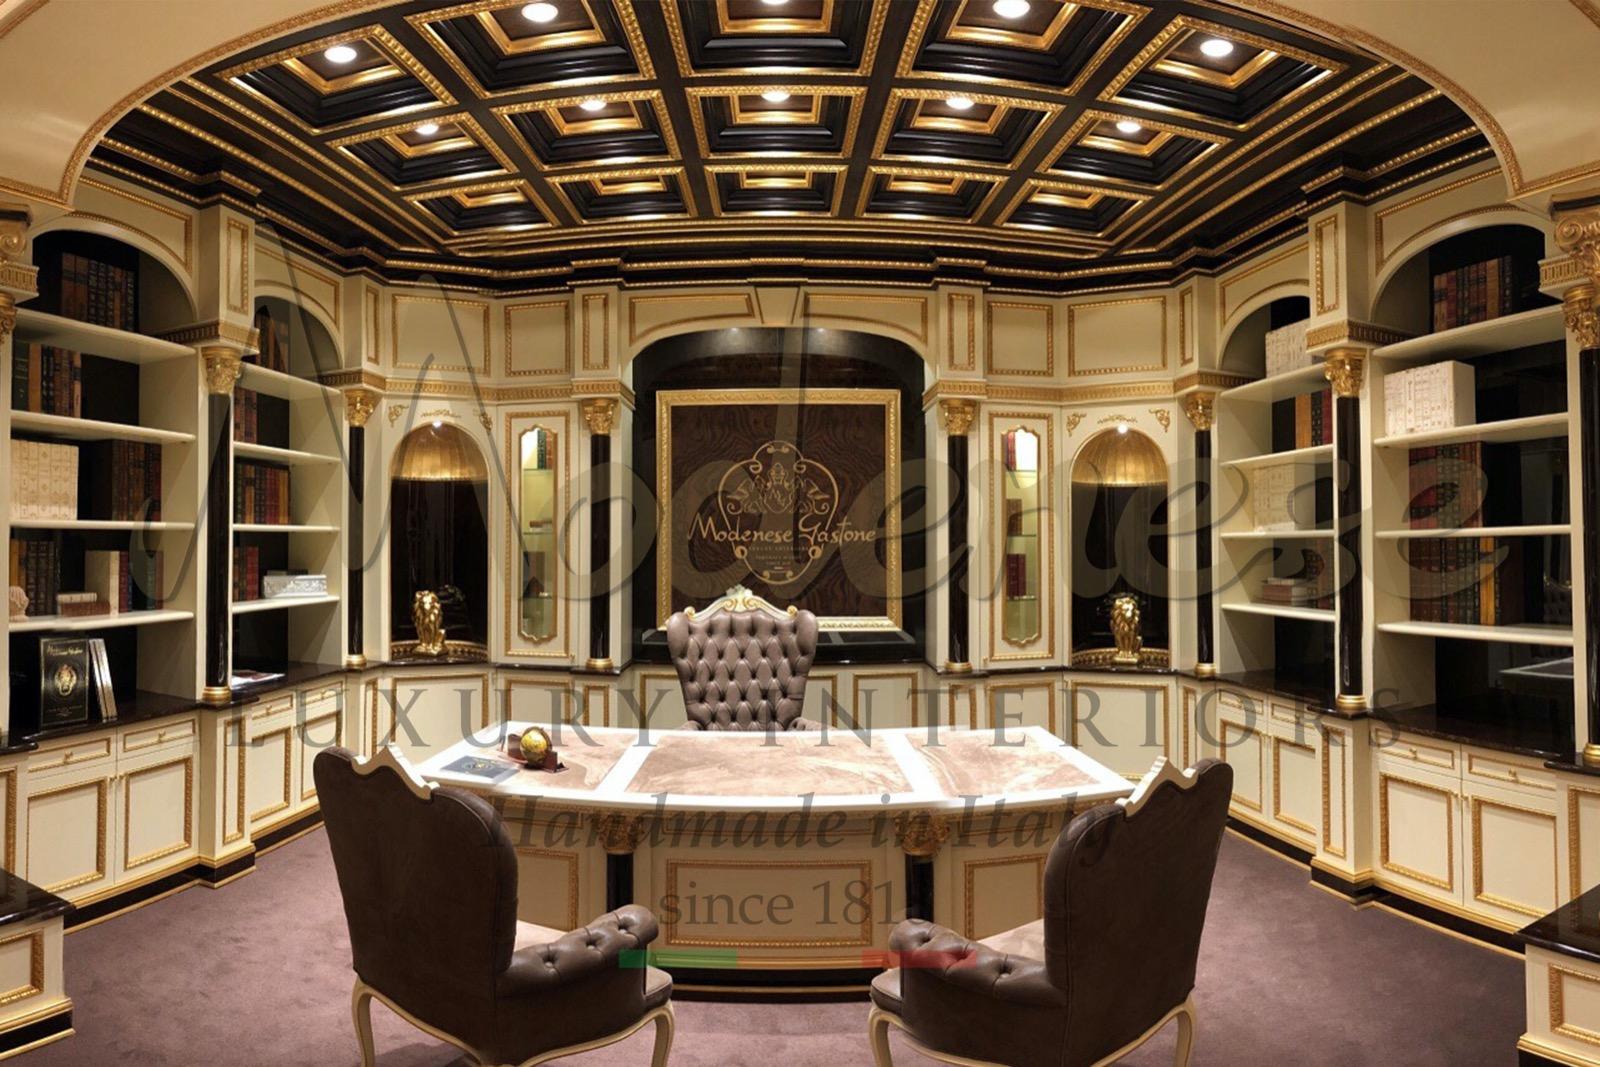 Москва Россия мебель итальянский дизайн интерьеров вилла резиденция изготовление домашнего декора дизайн интерьера в классическом стиле